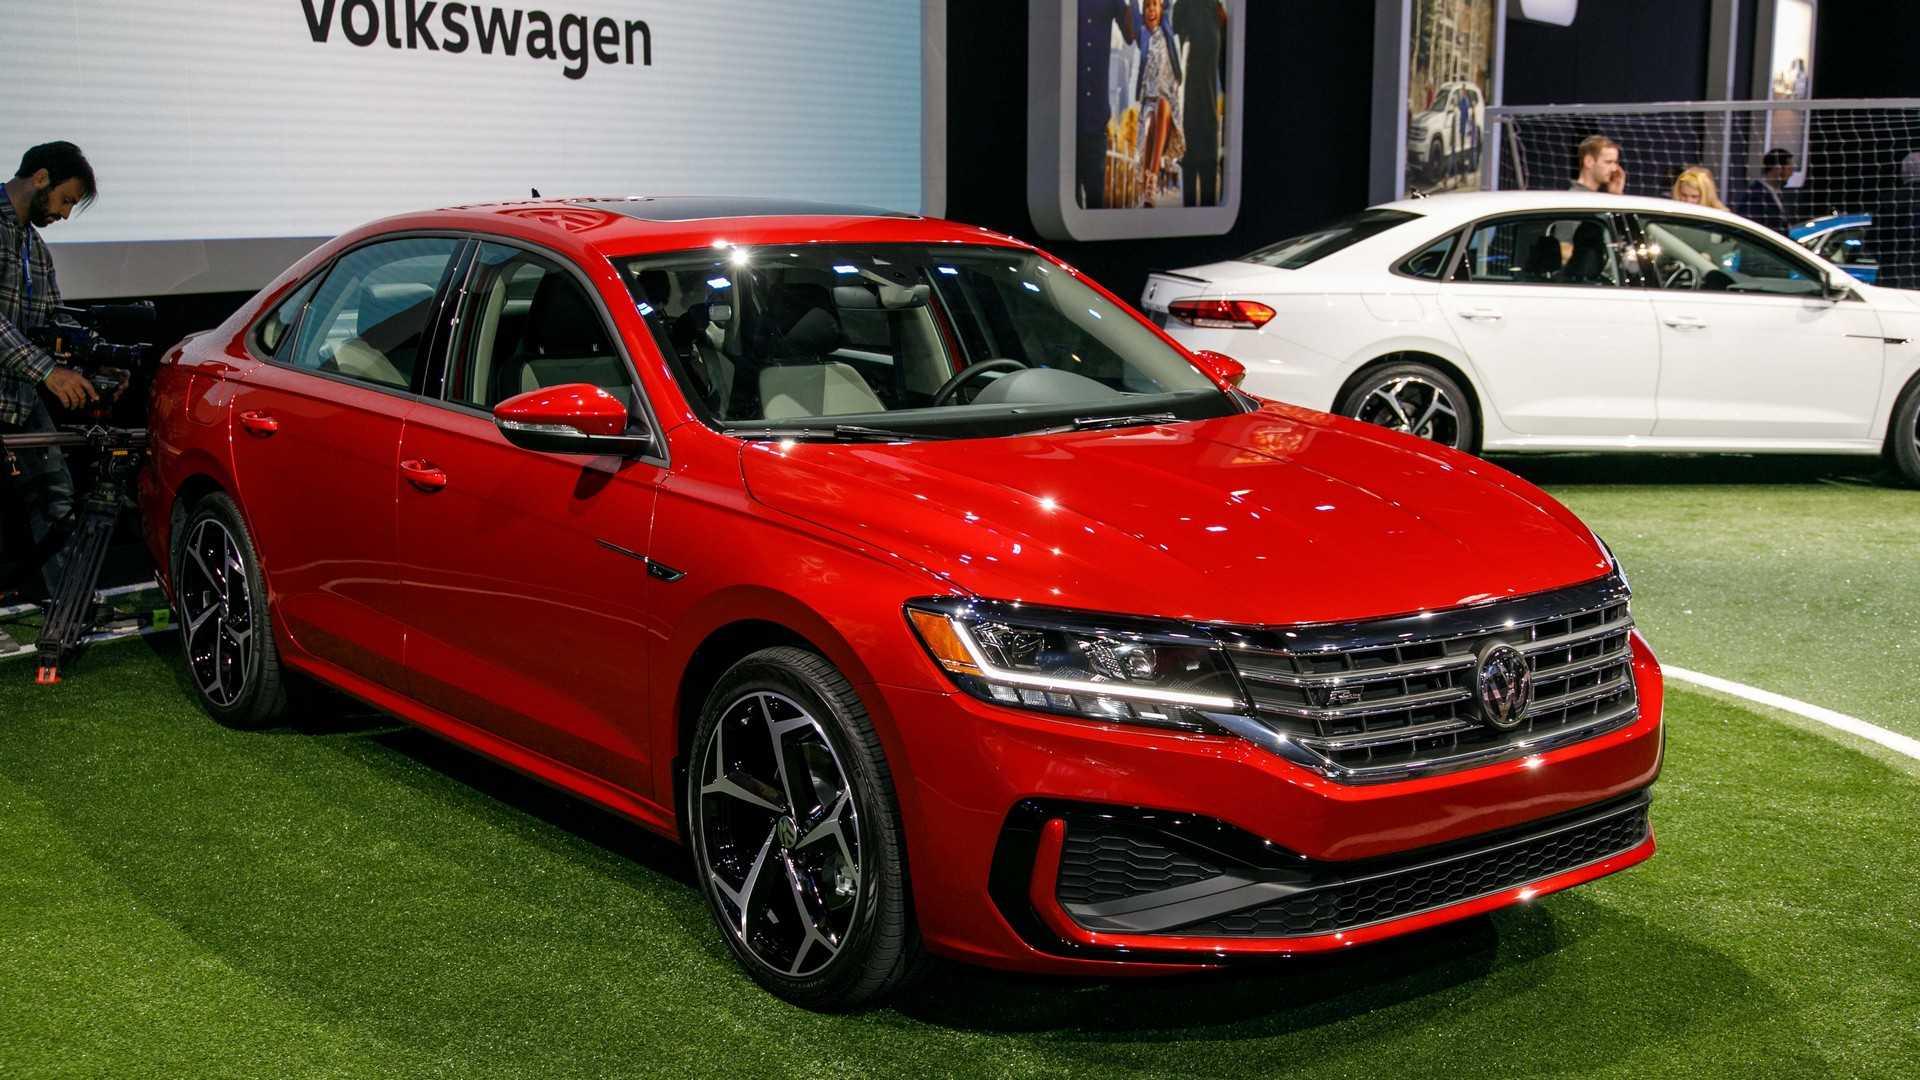 2020 Volkswagen Passat update